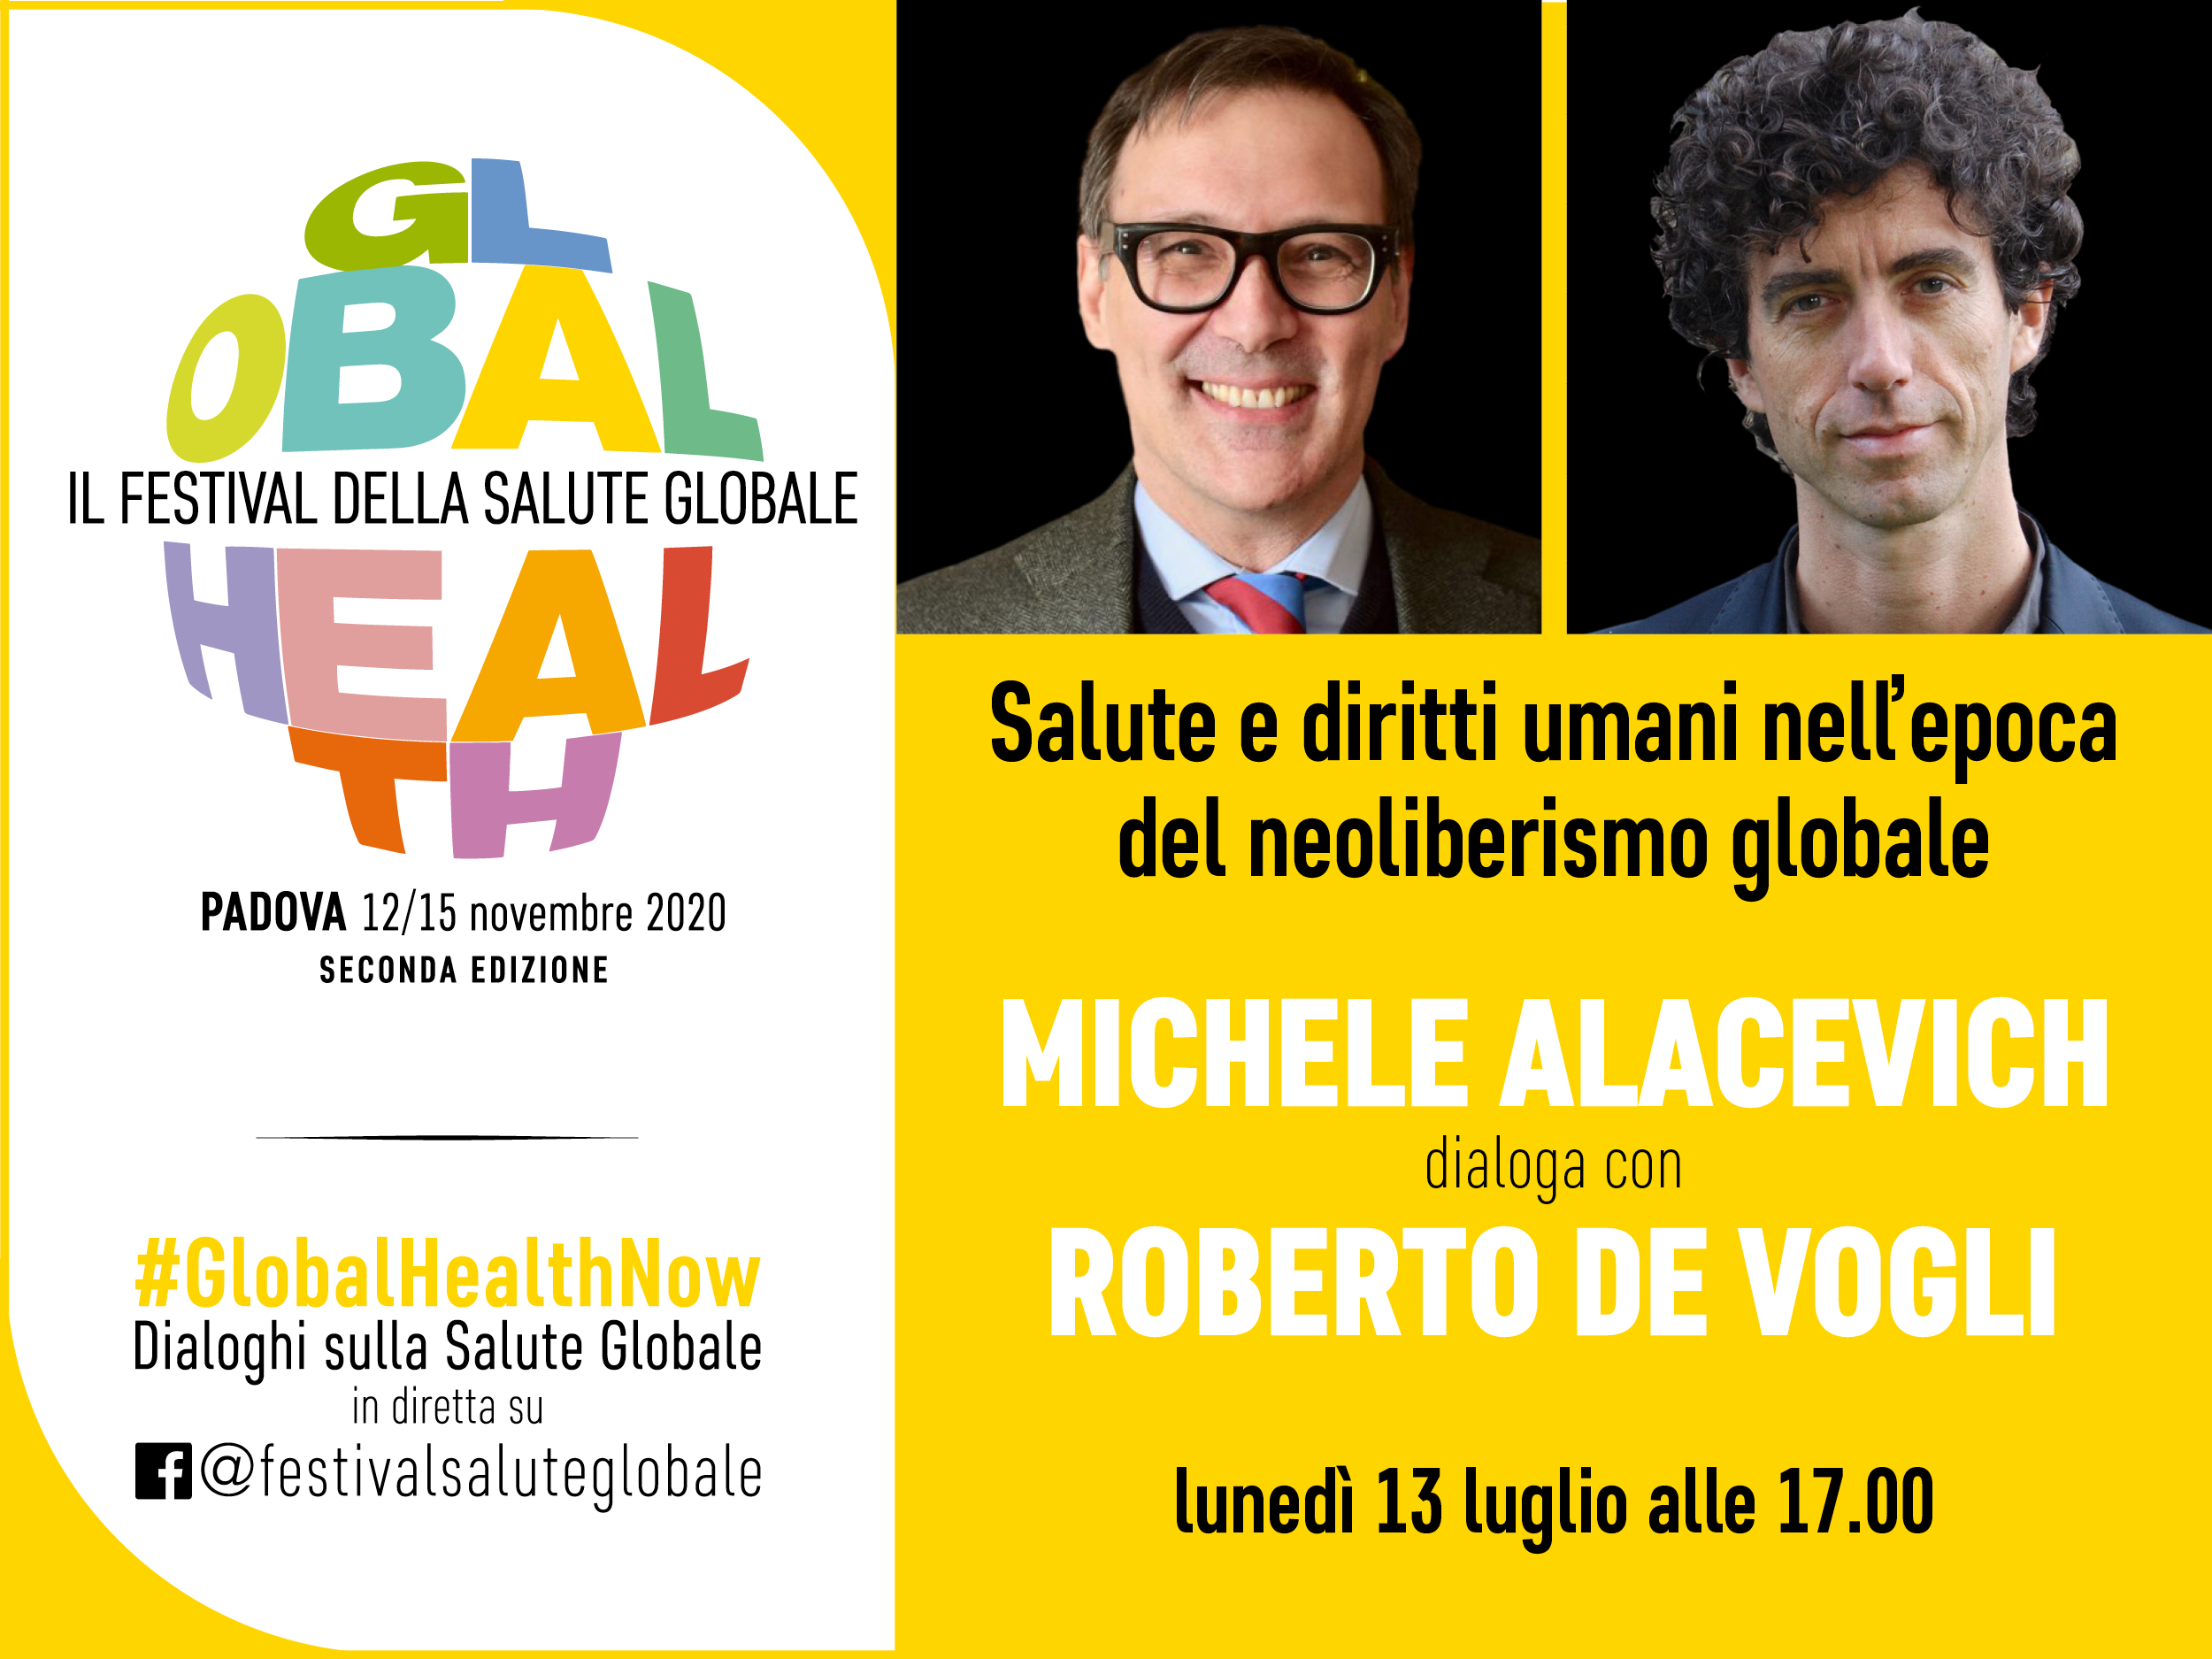 Il festival della salute globale